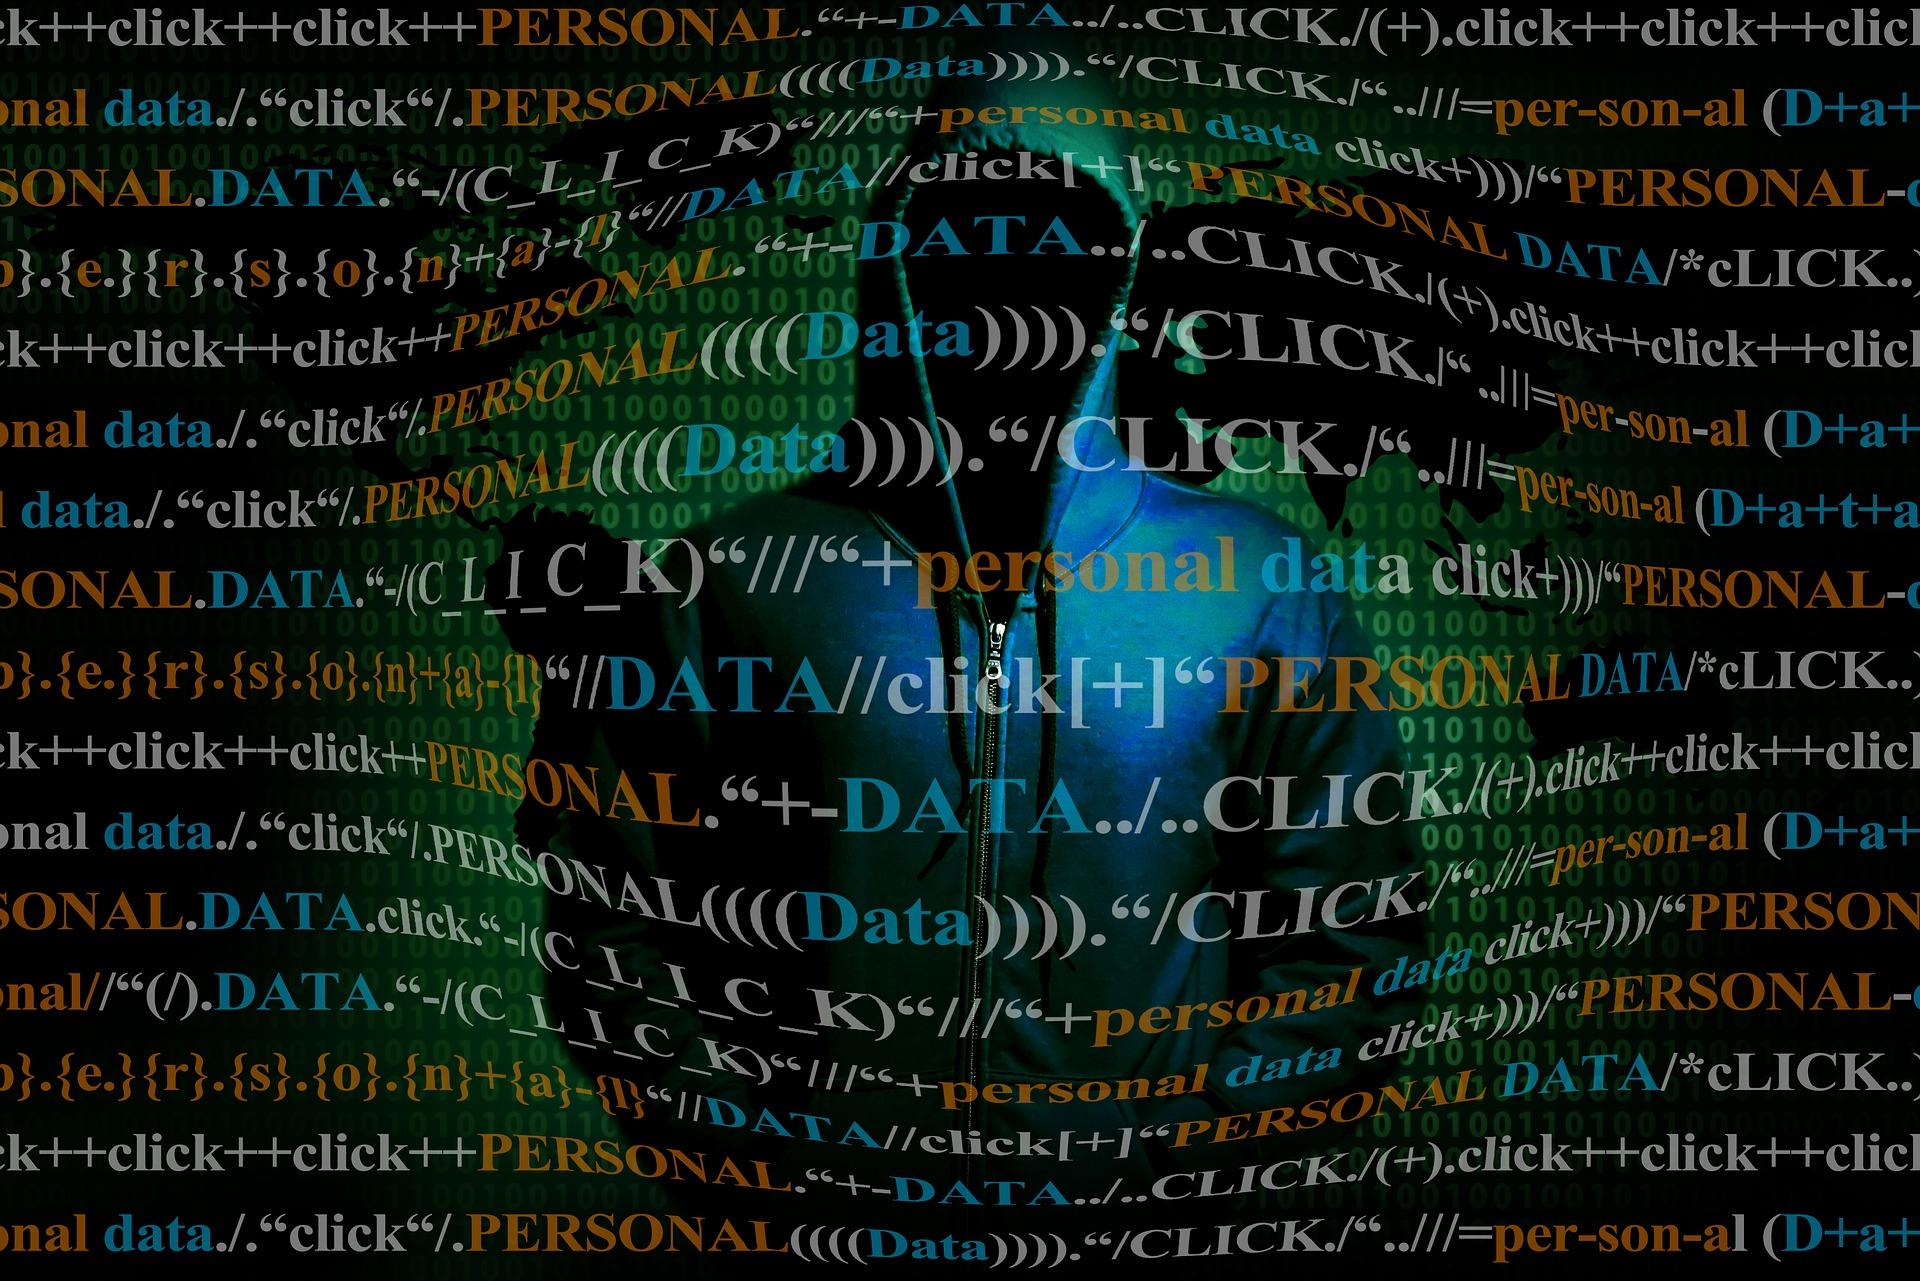 Prywatne dane